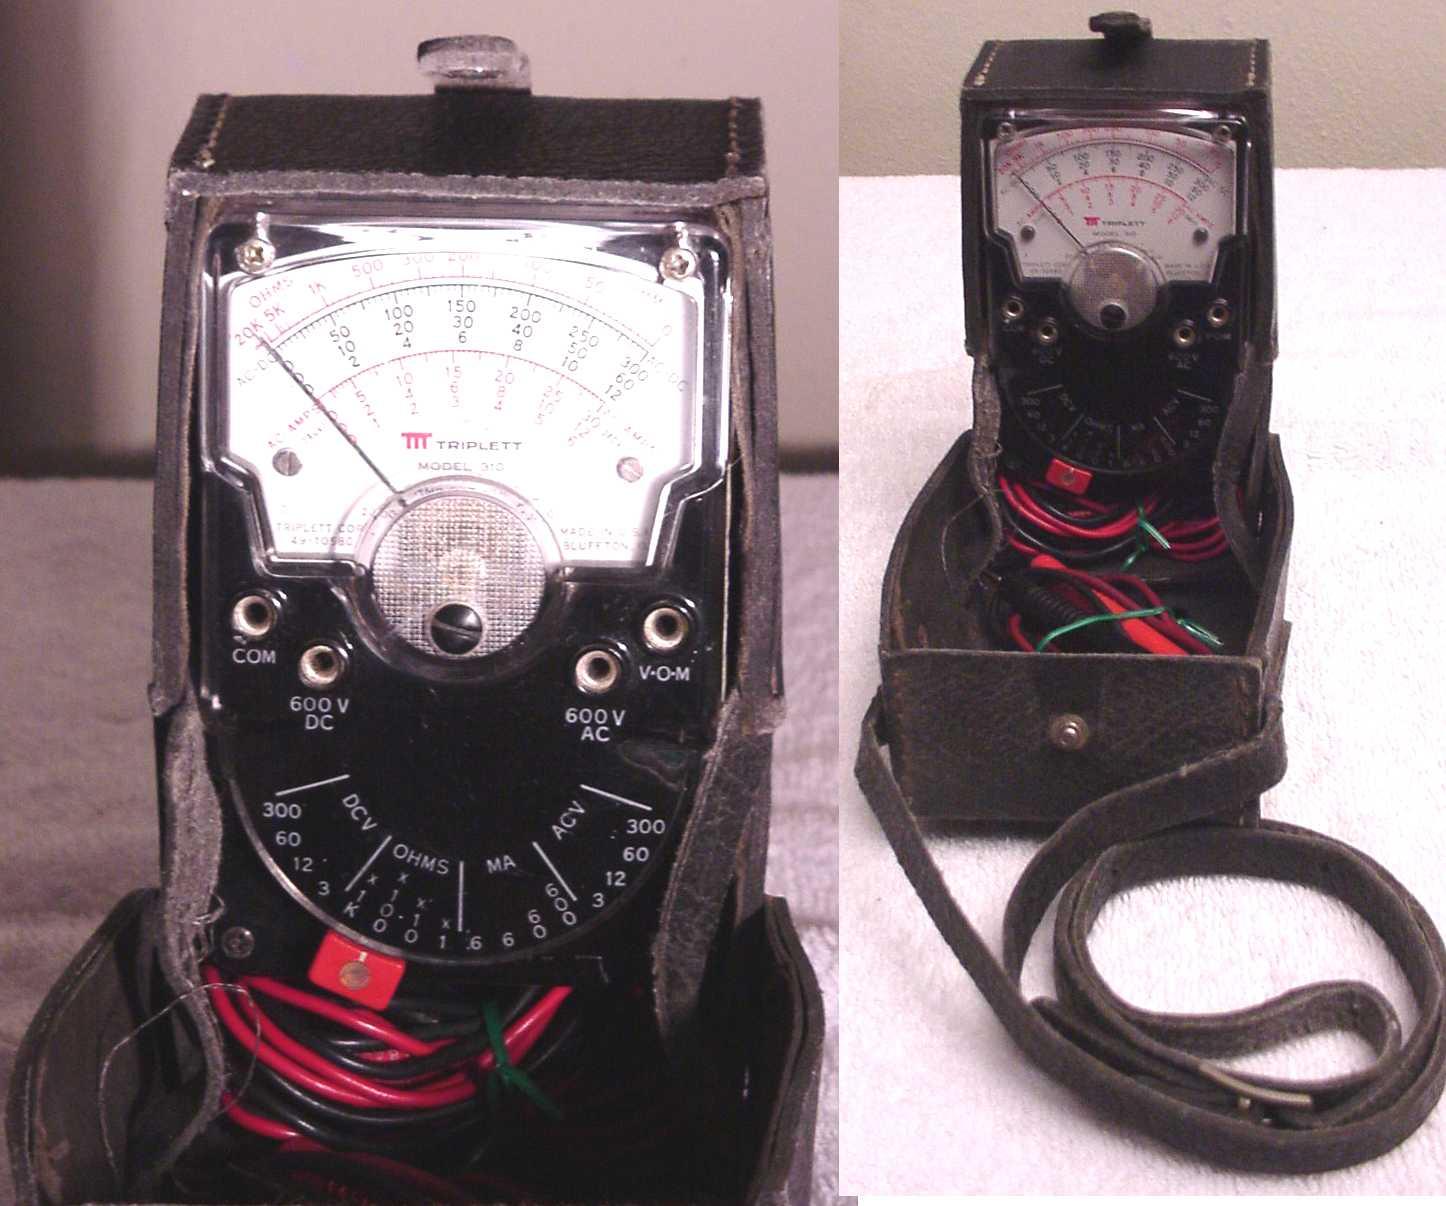 Used working Triplett 310vAnalog Volt Ohmeter vom meters